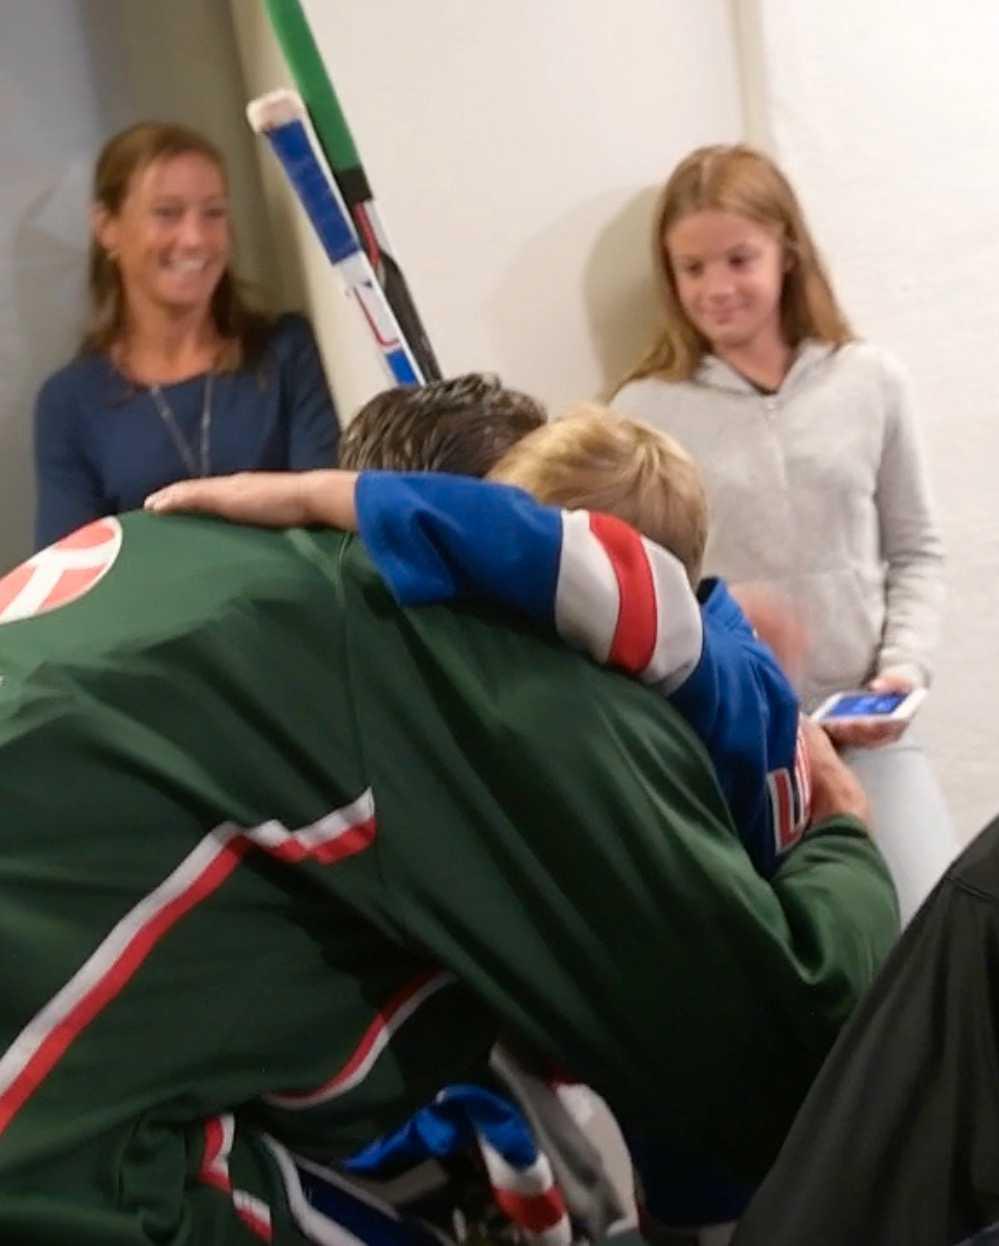 Och Joel får förstås också en kram.